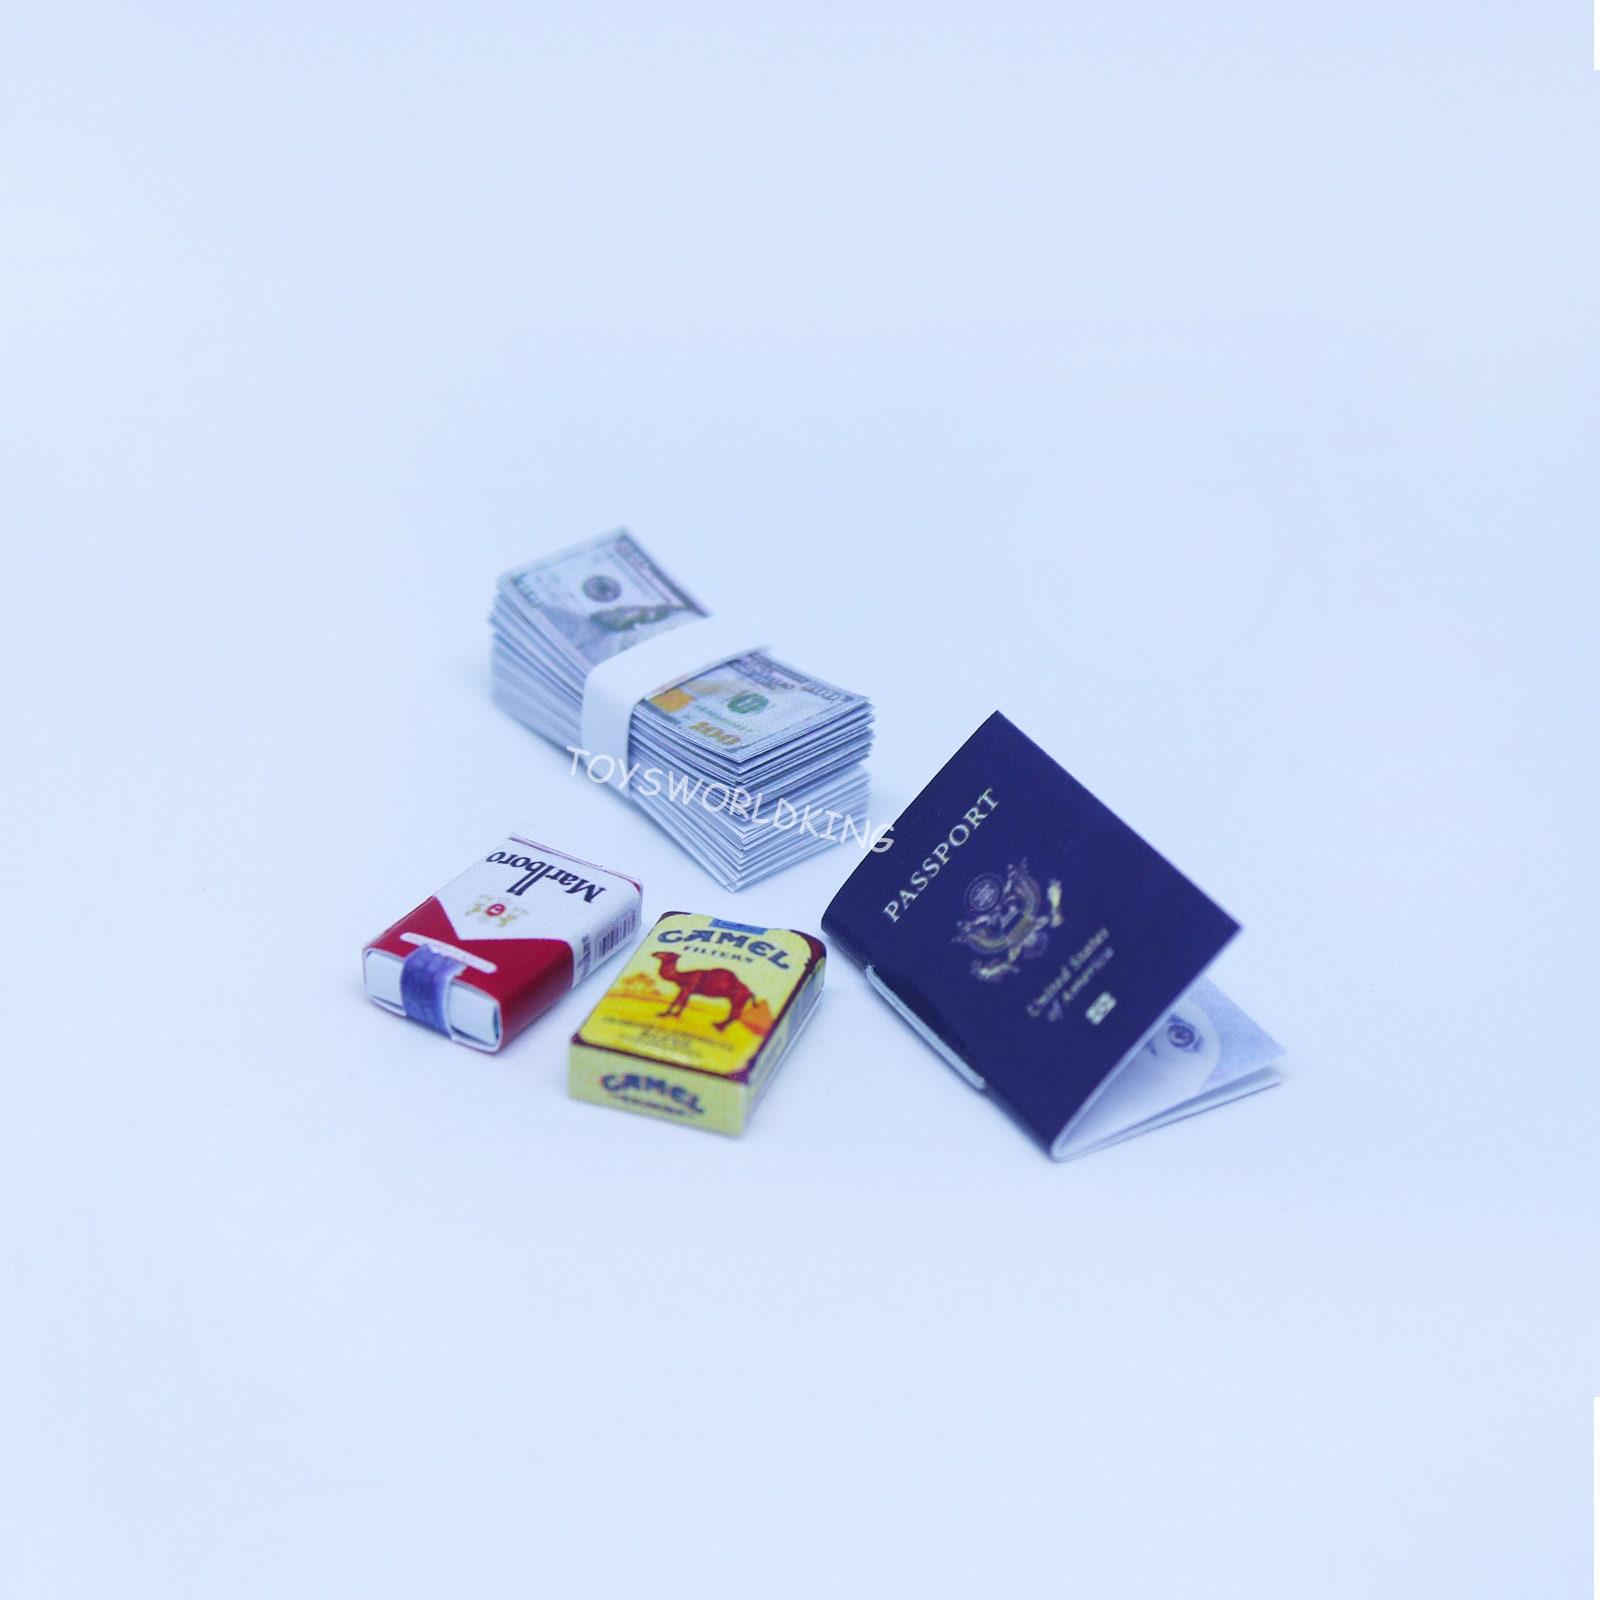 1 6 Scale Passport Cigarette Packs Cash Model Handmade Mini Etsy